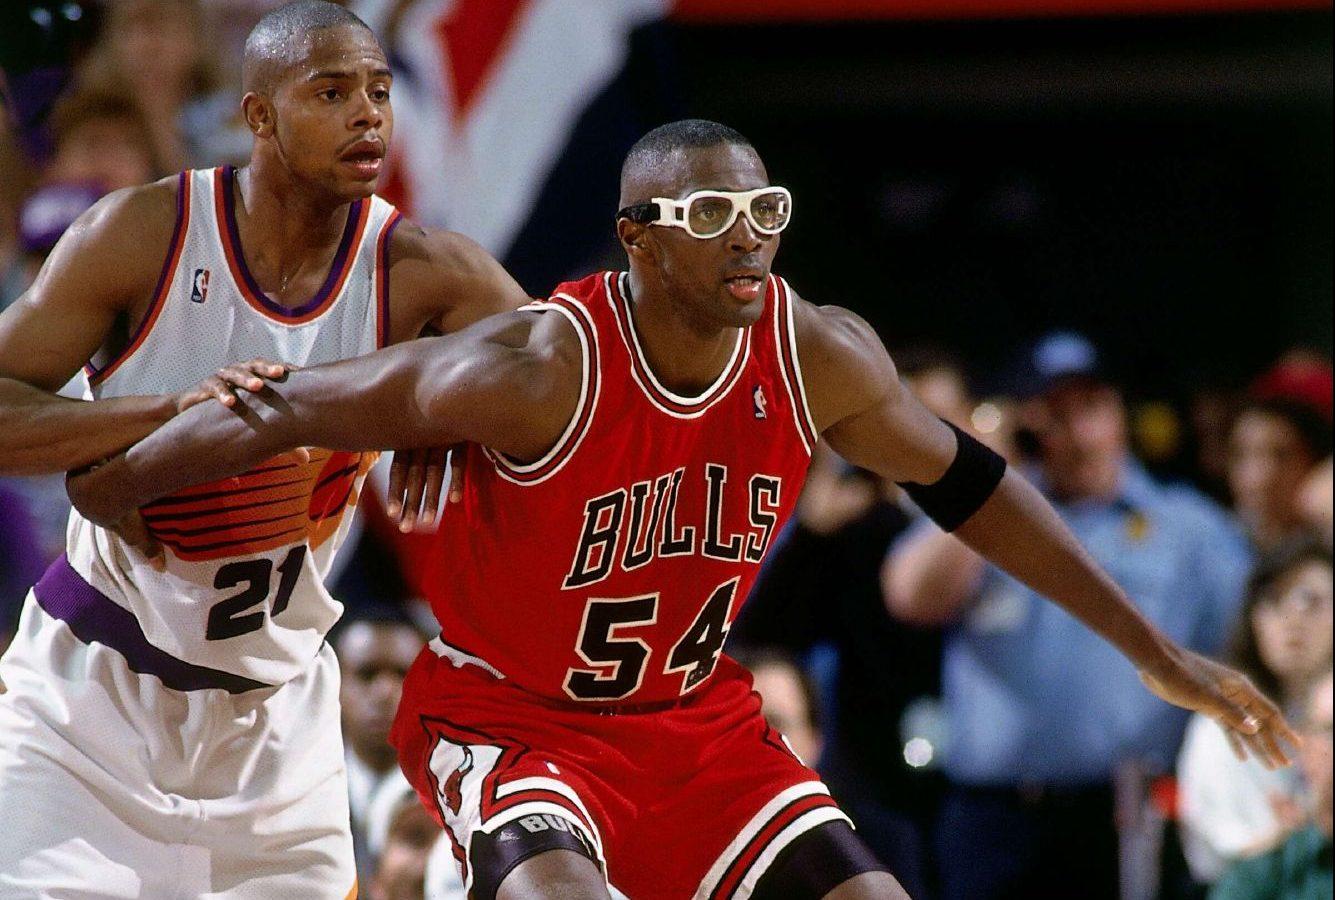 Classe : pourquoi Horace Grant continuait à porter des goggles